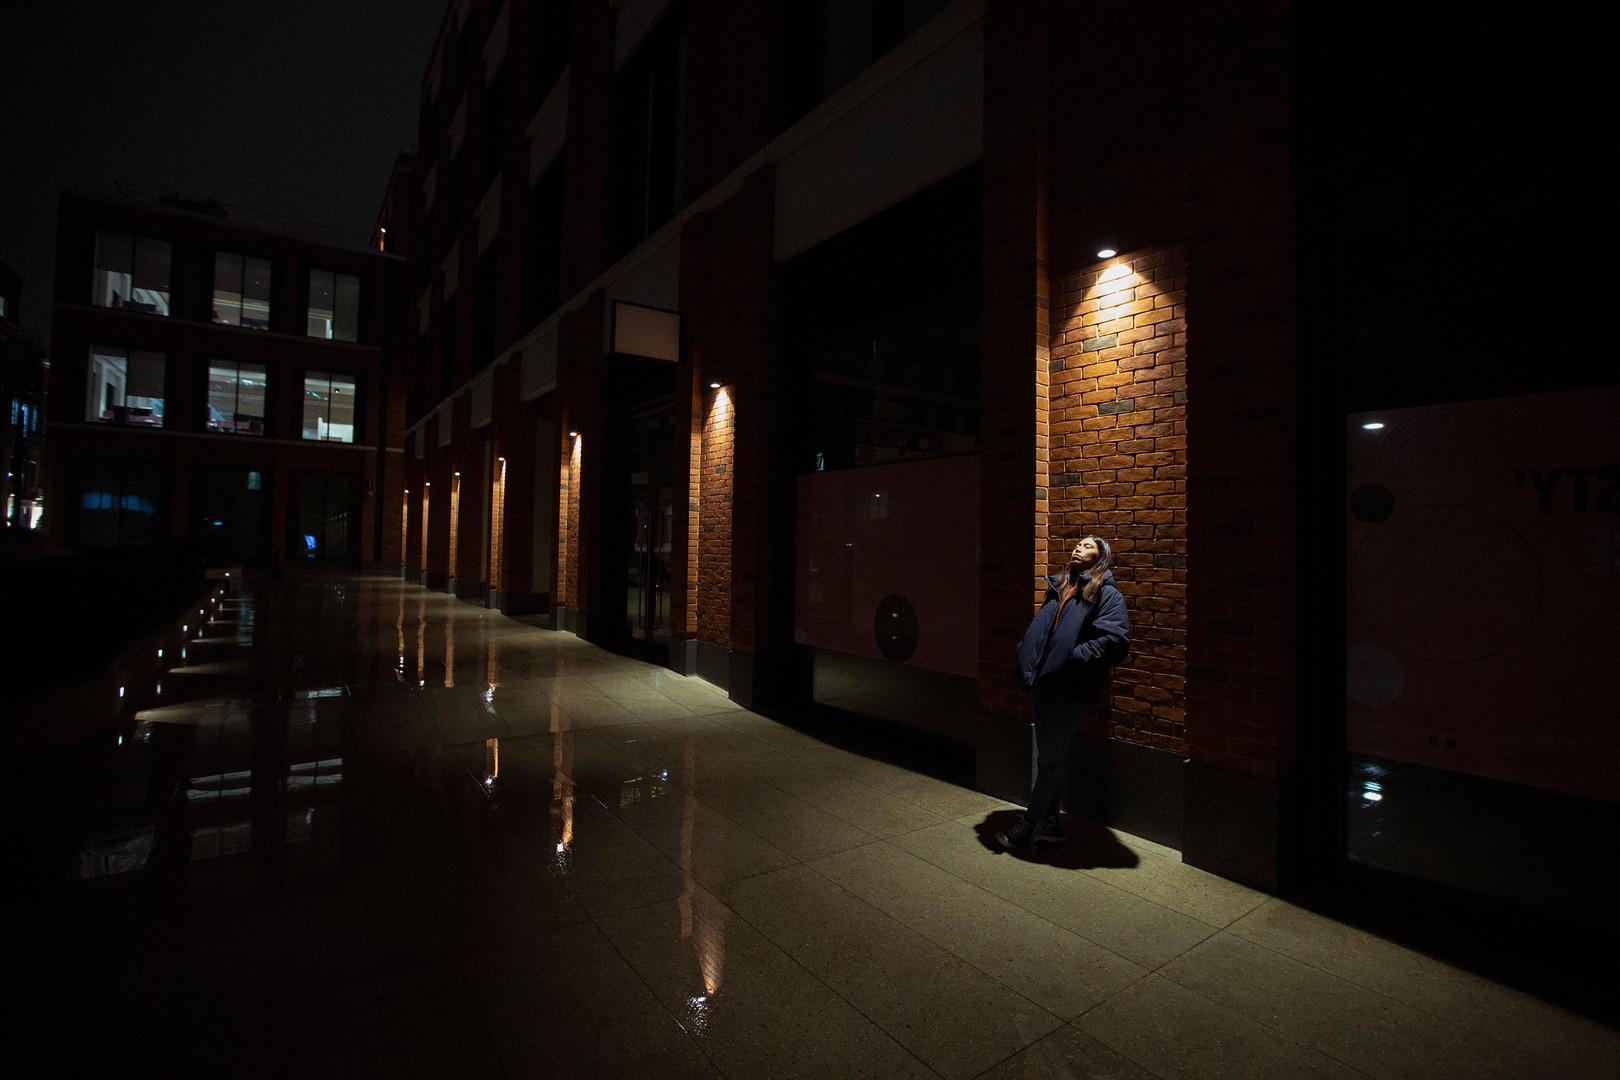 Her Night City